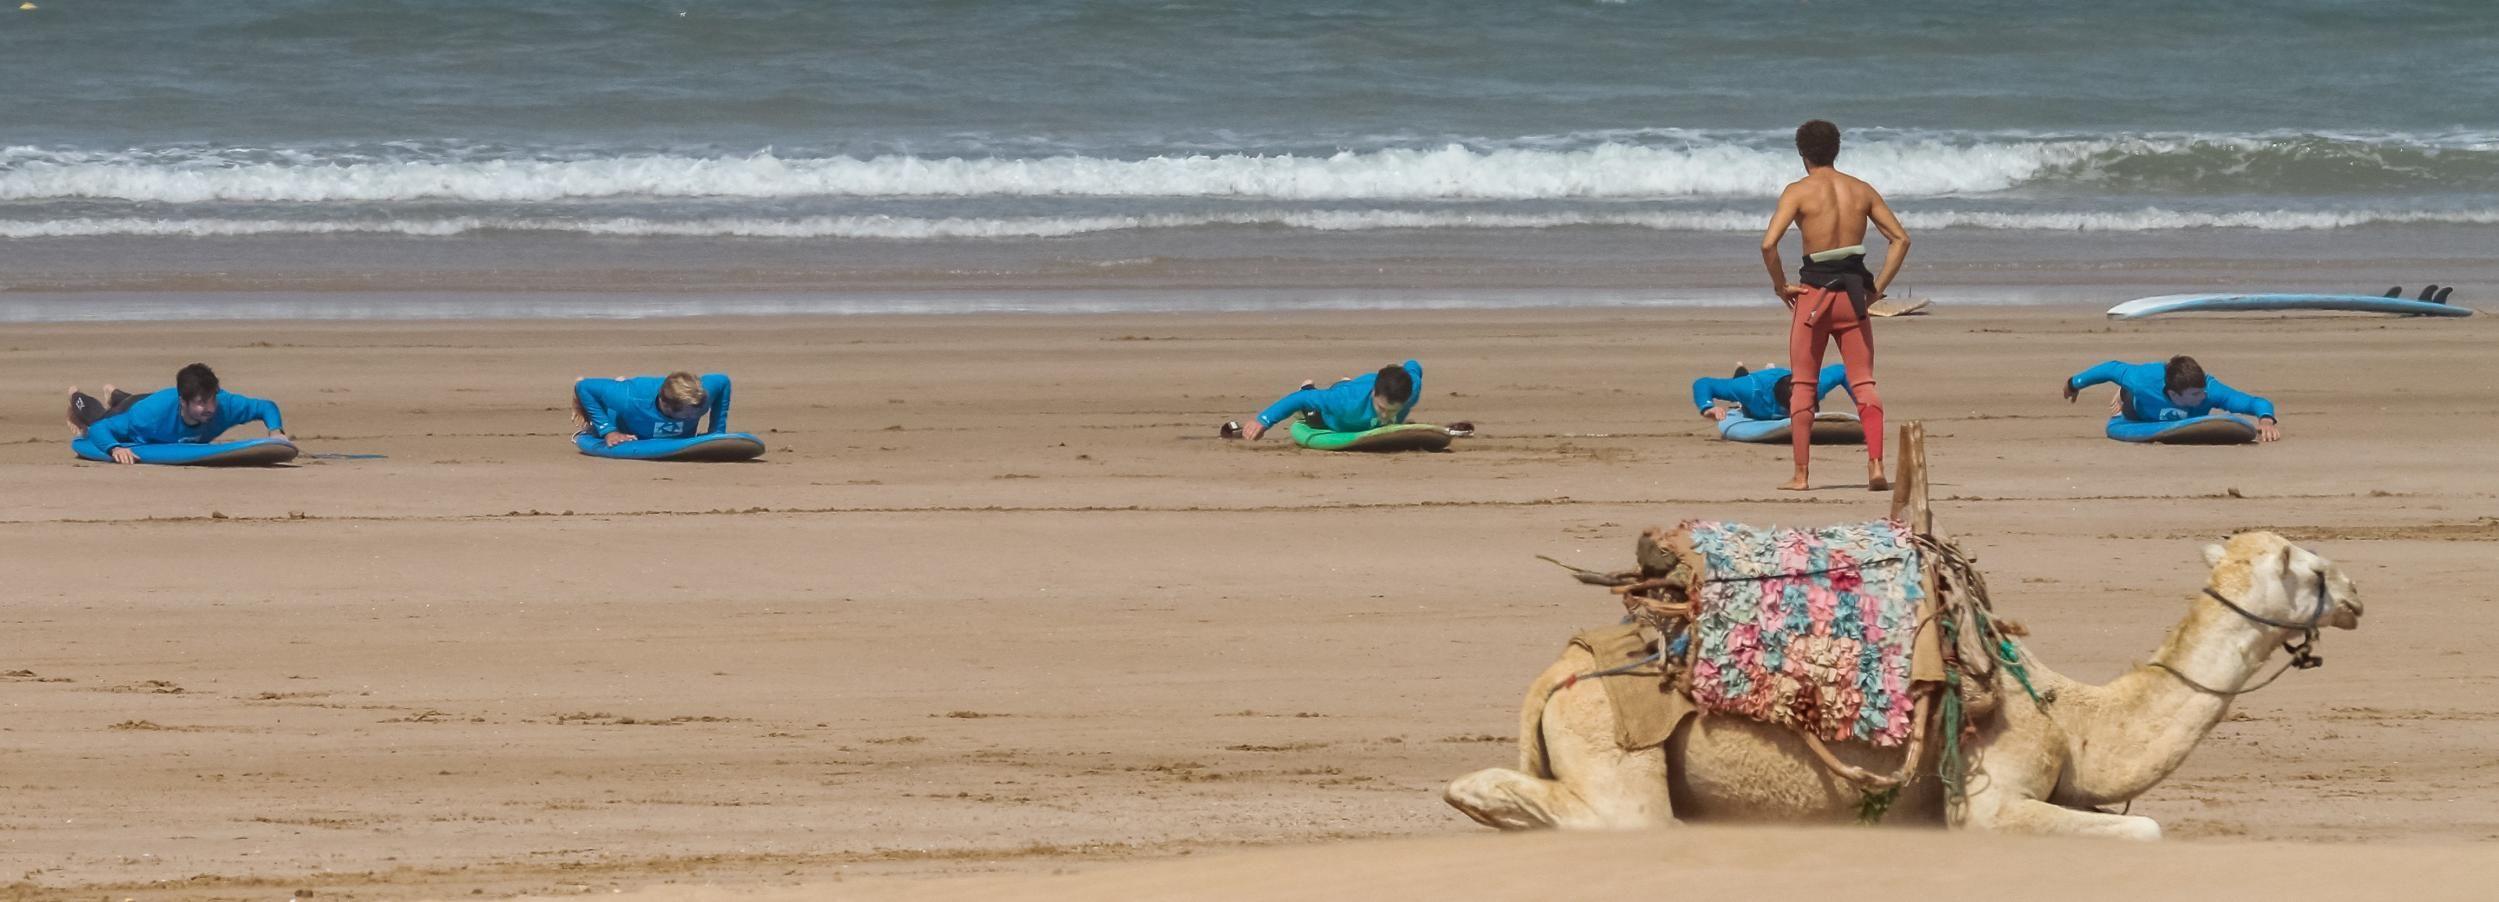 Essaouira: 4 Hour Surf Lesson